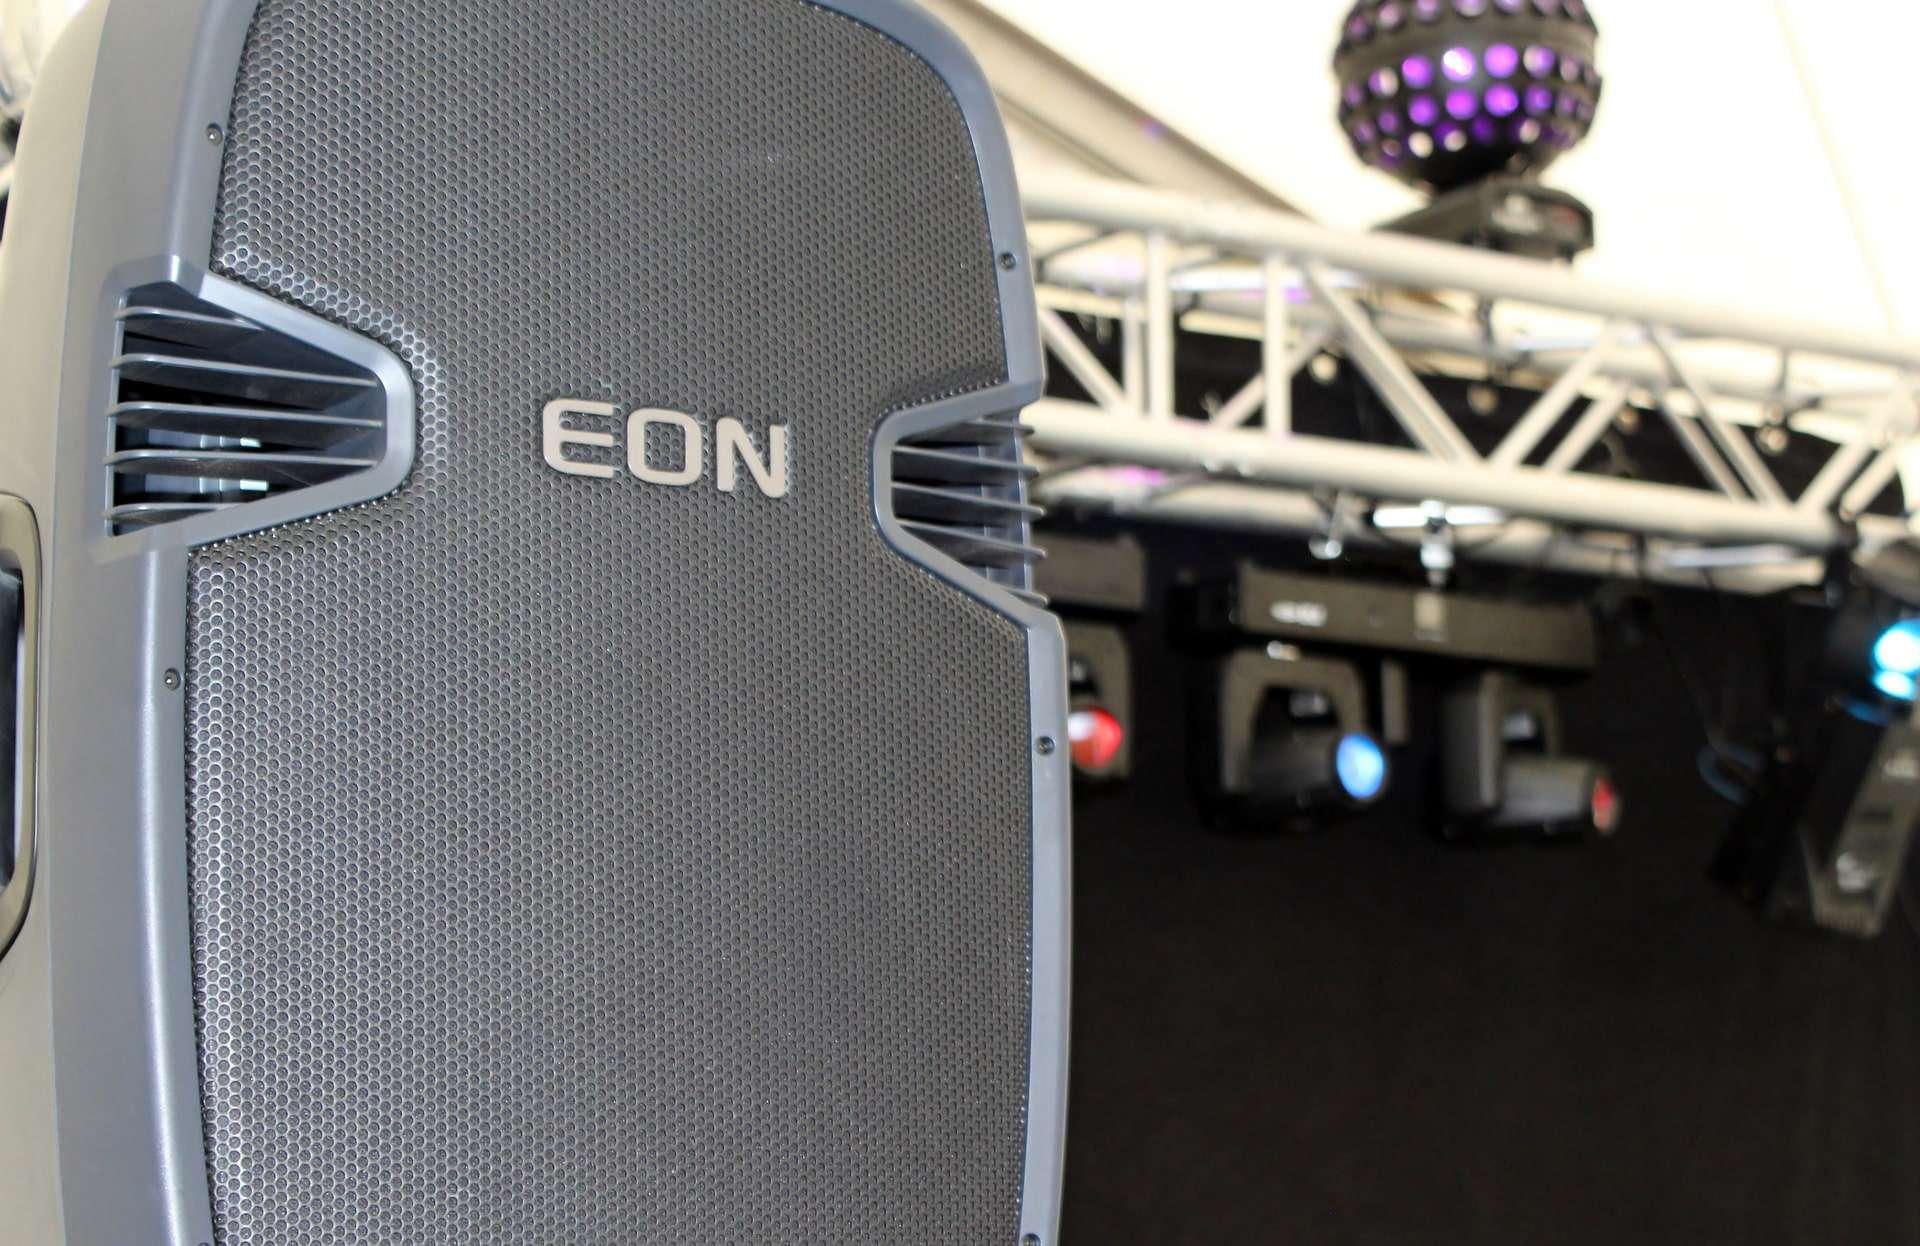 Eon speaker